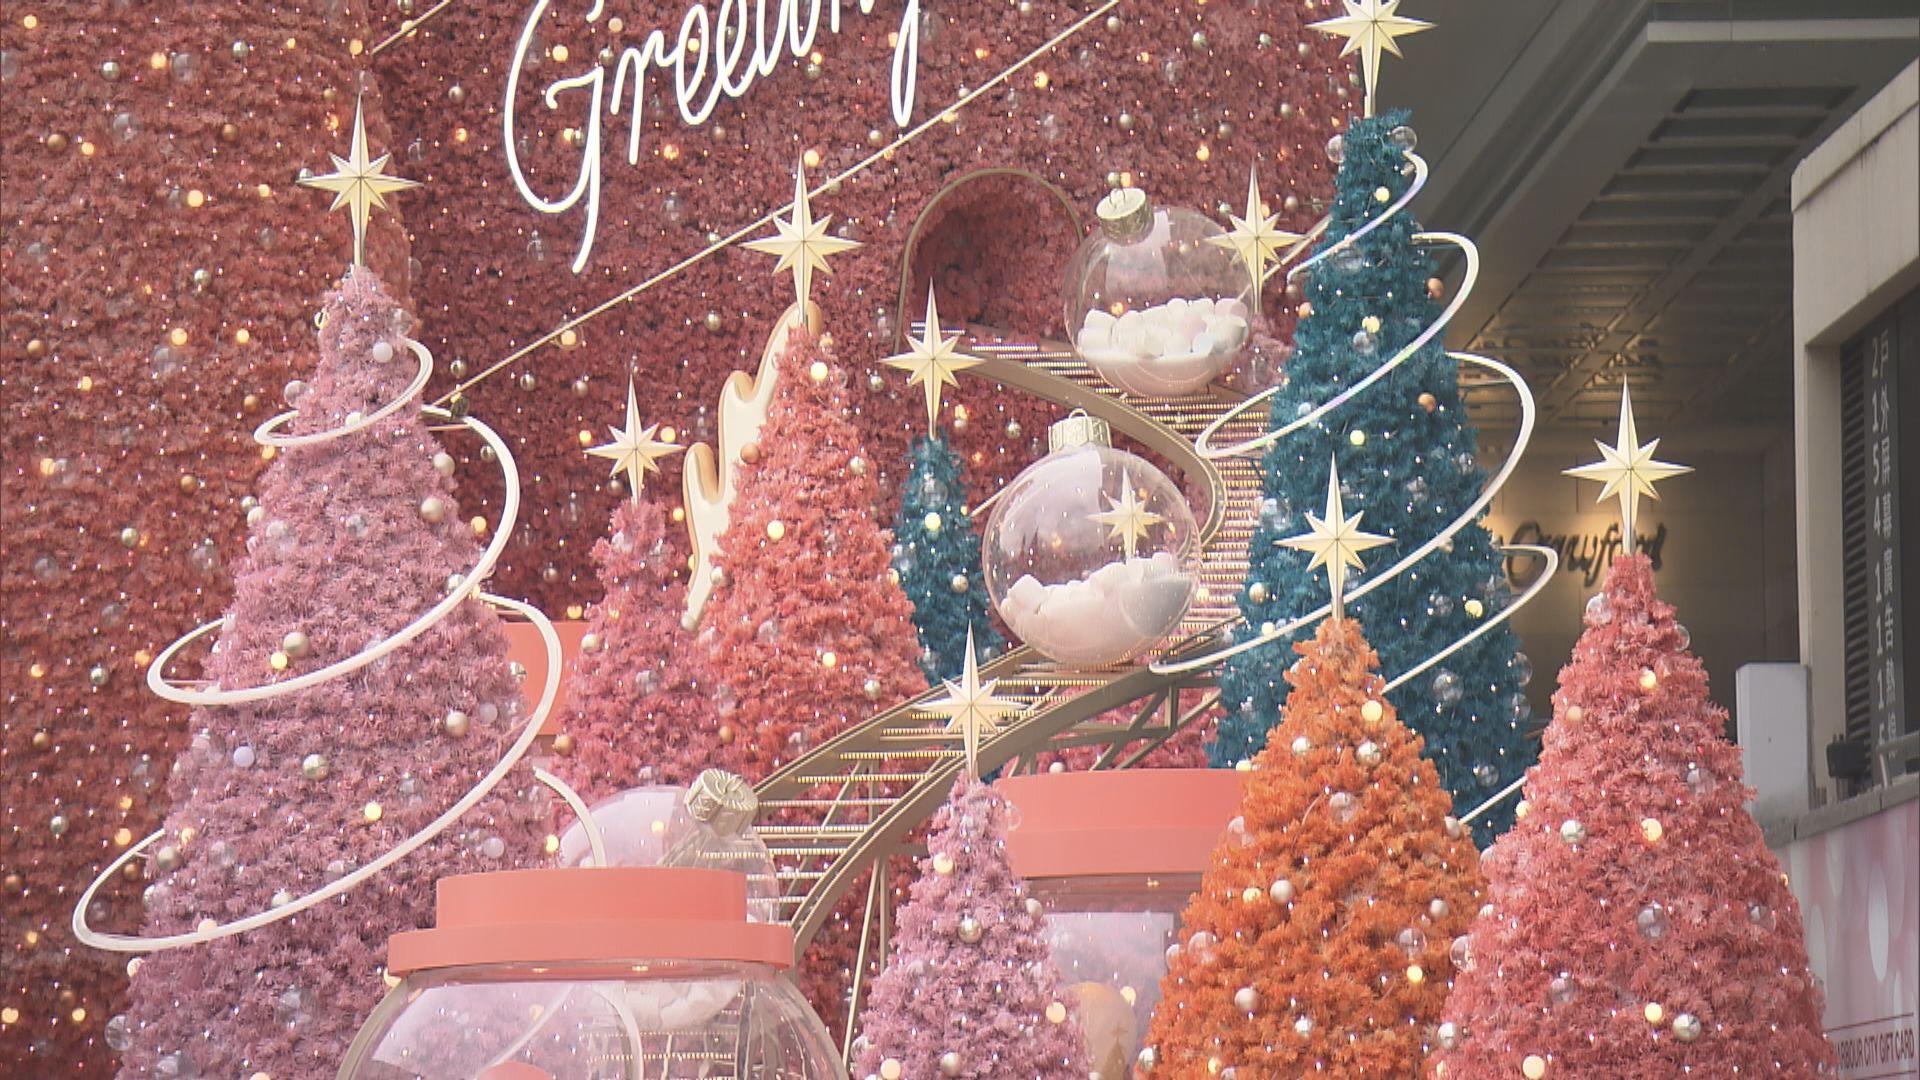 【聖誕市道】社會事件影響 商場延遲聖誕裝飾布置